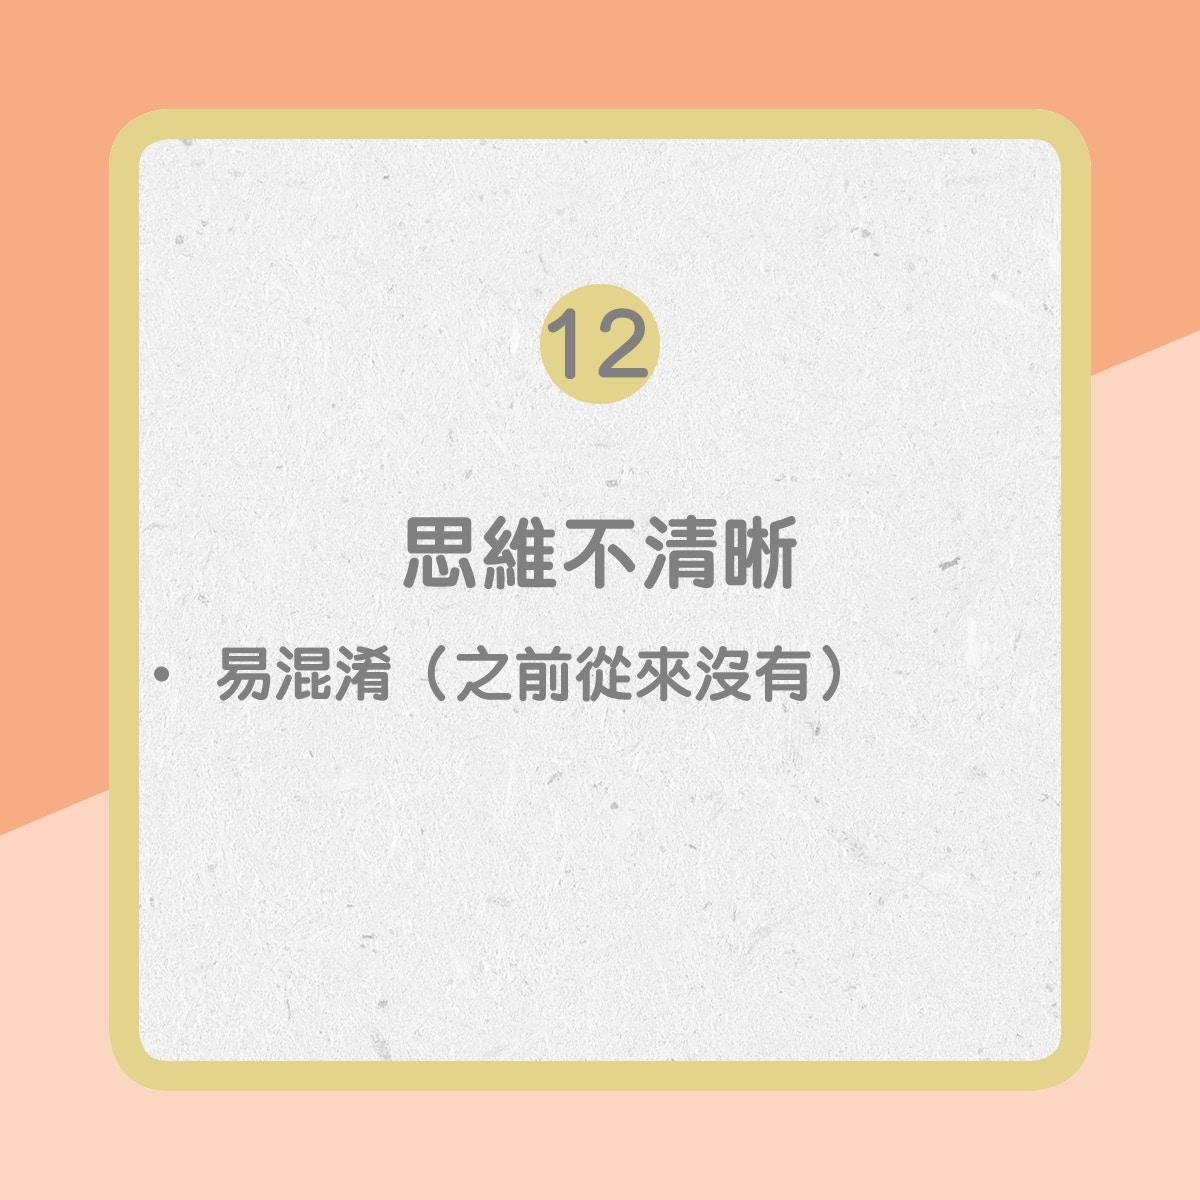 【心臟衰竭病徵】12. 思絰不清晰(01製圖)